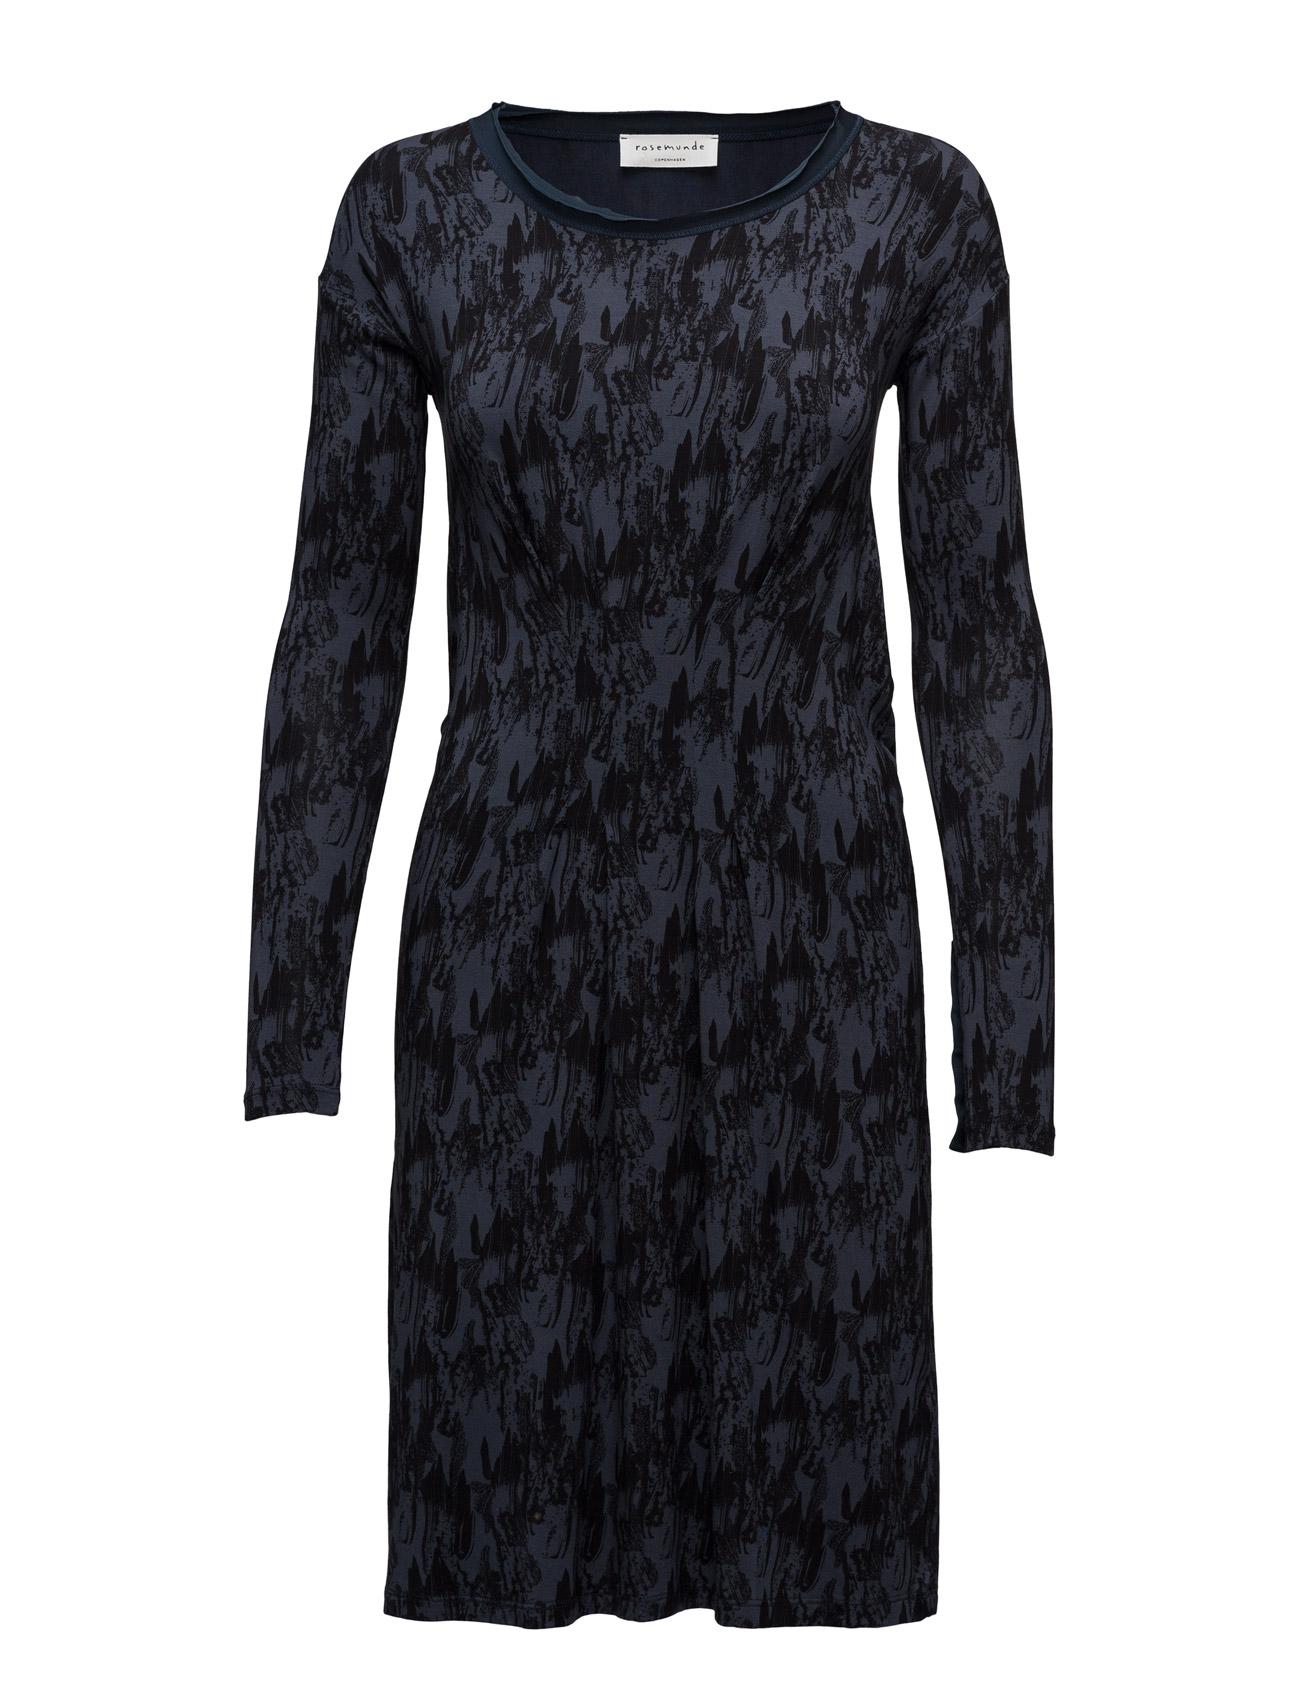 Dress Ls Rosemunde Korte kjoler til Kvinder i